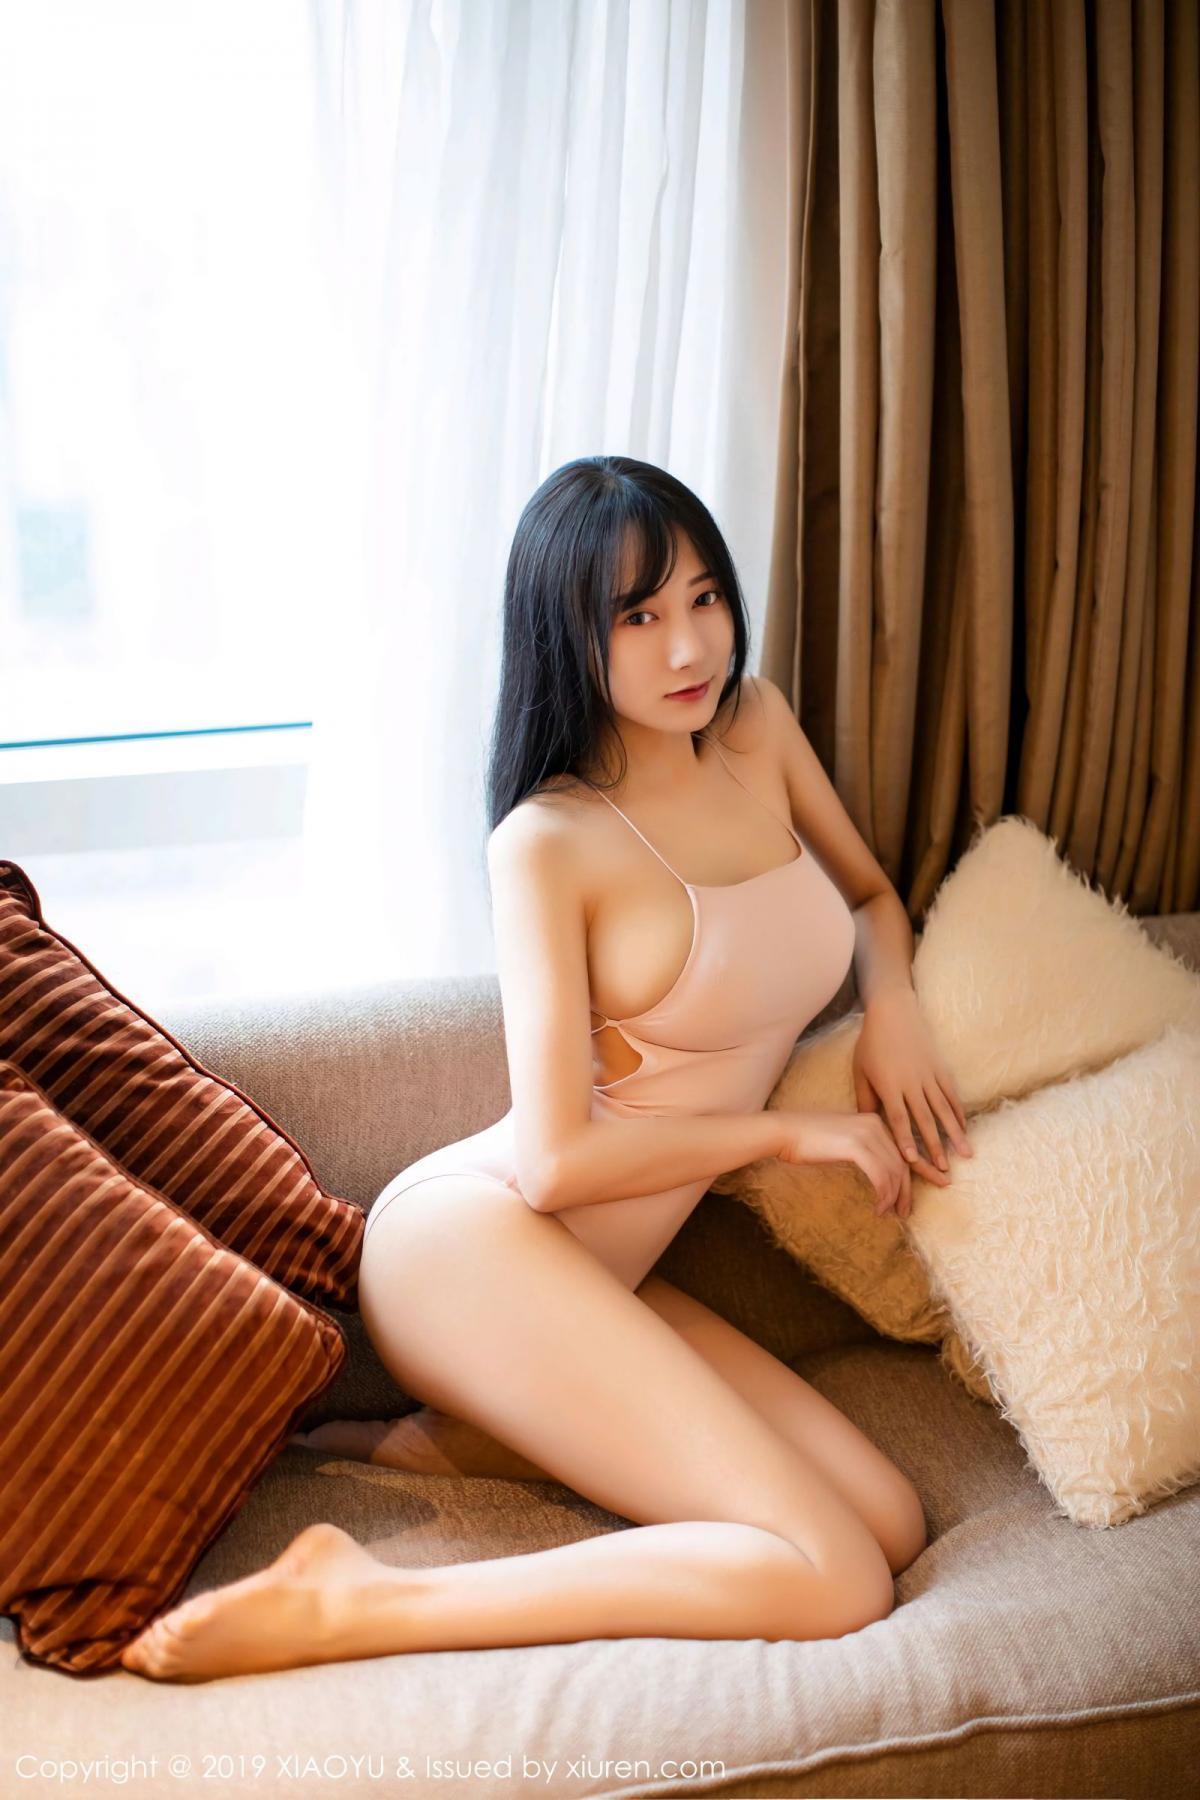 [XiaoYu] Vol.097 He Jia Ying 24P, He Jia Ying, Tall, XiaoYu